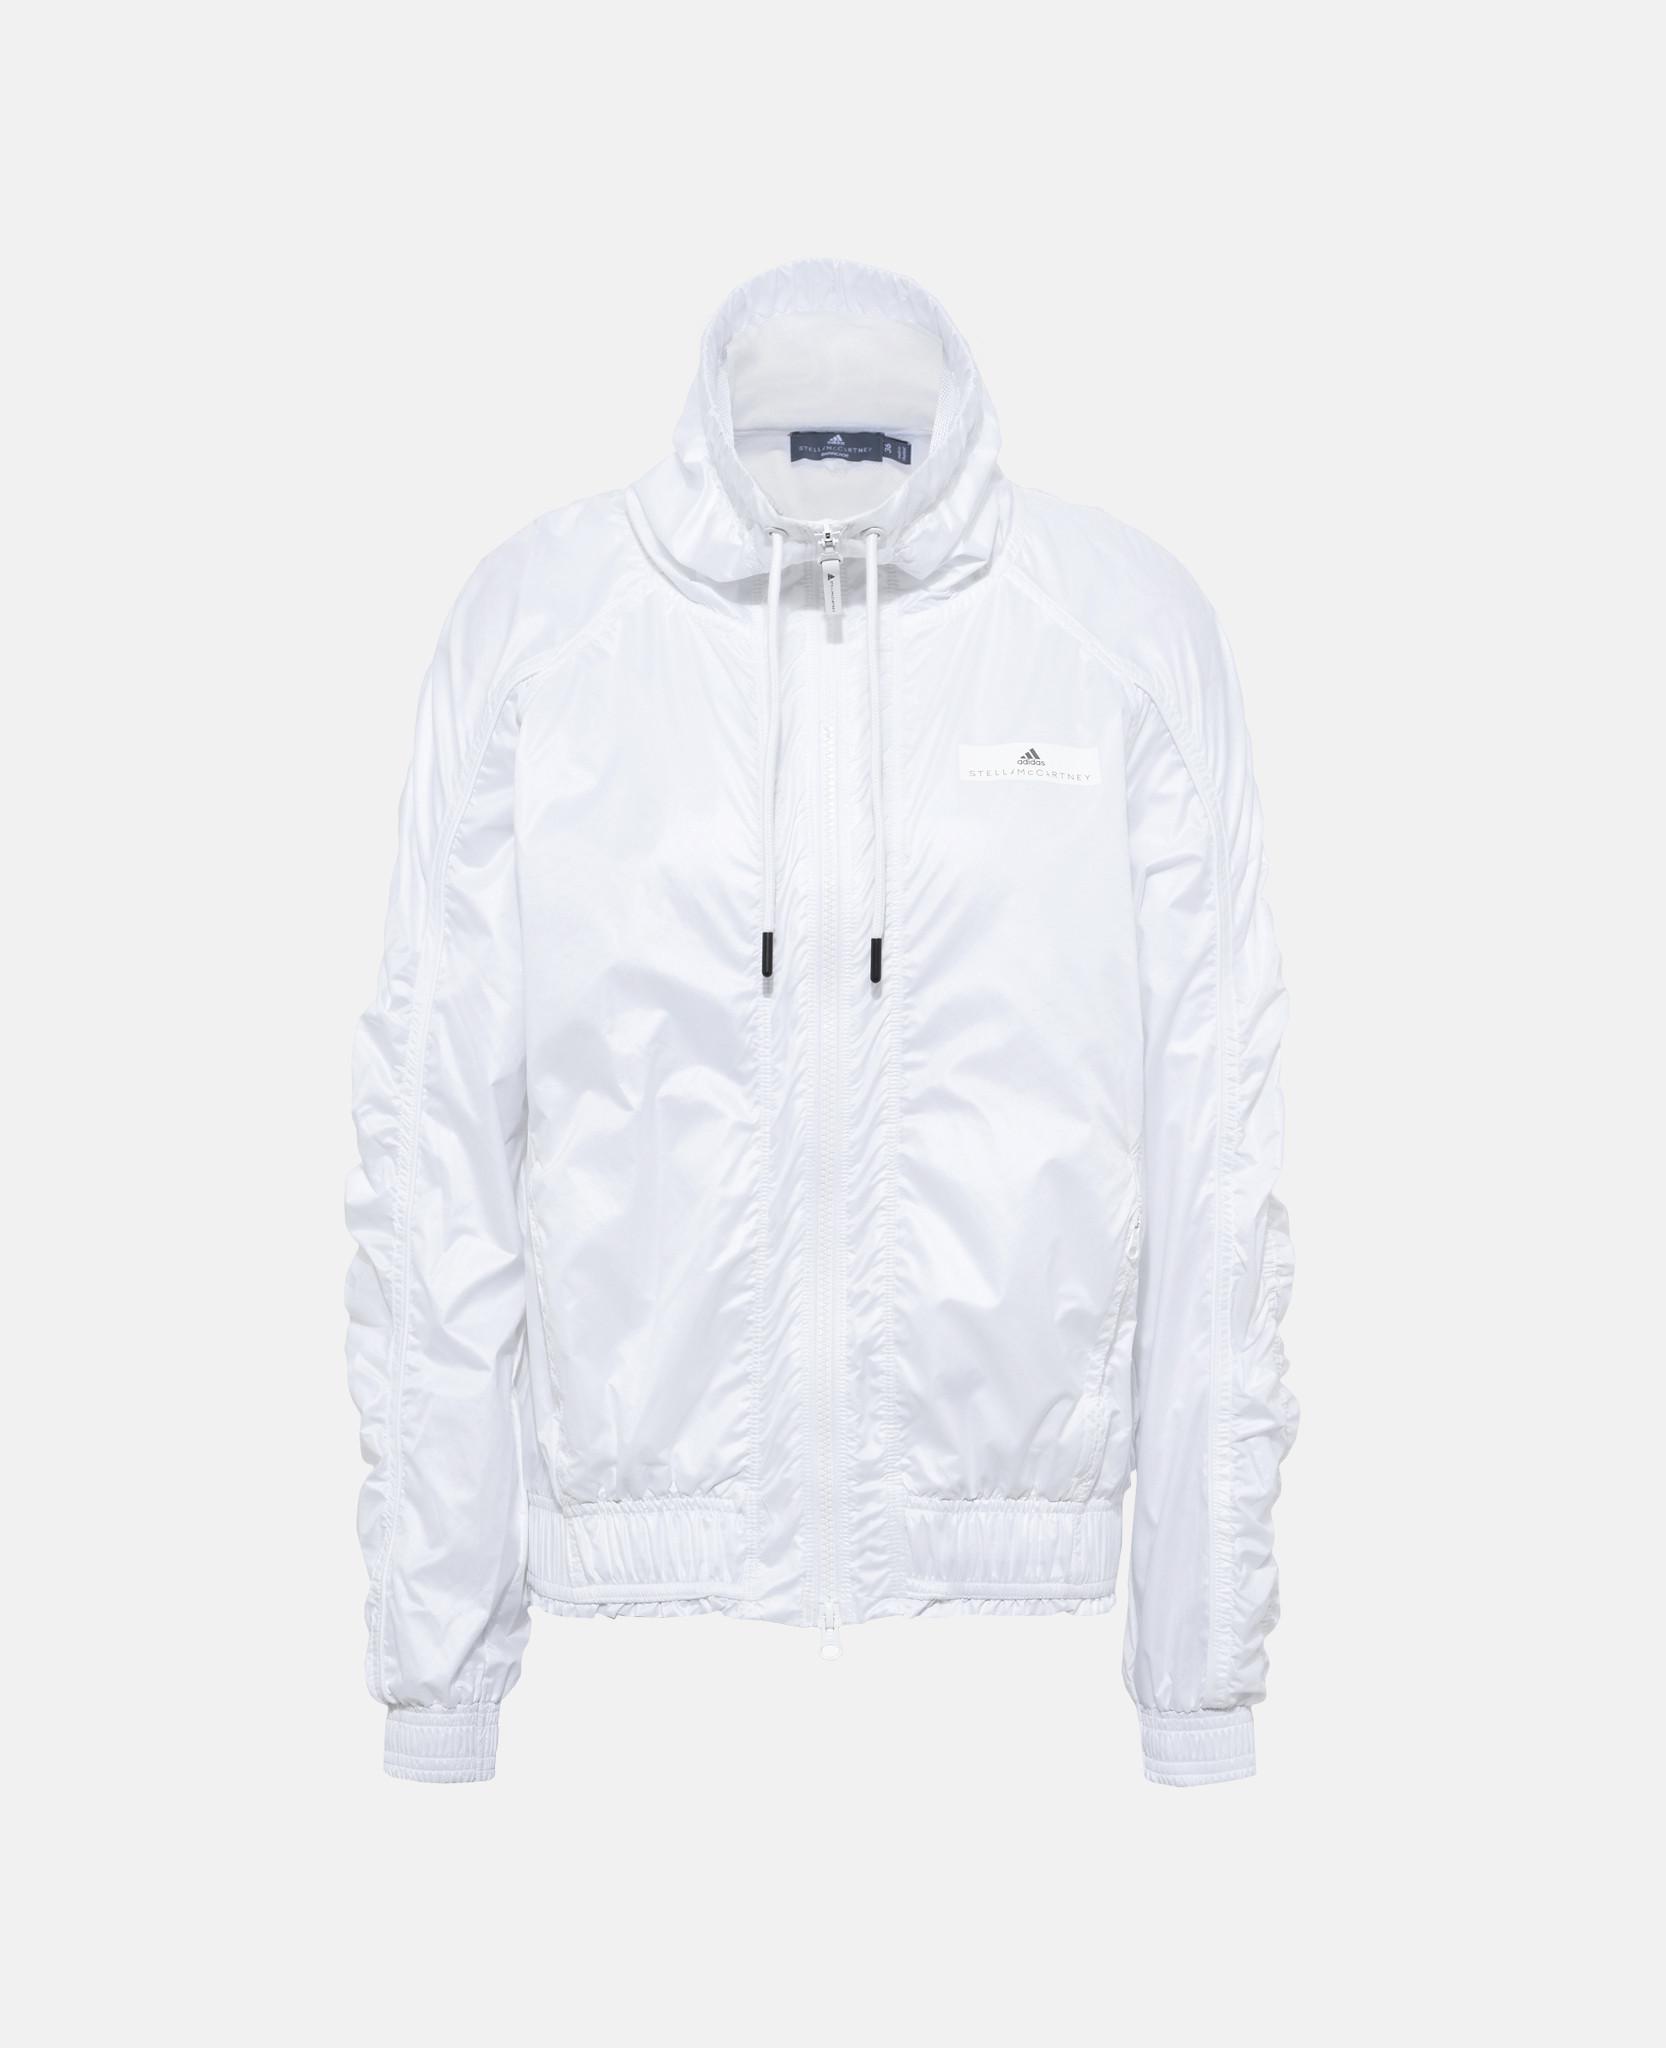 2fca917baf Lyst - Adidas By Stella Mccartney White Barricade Jacket in White